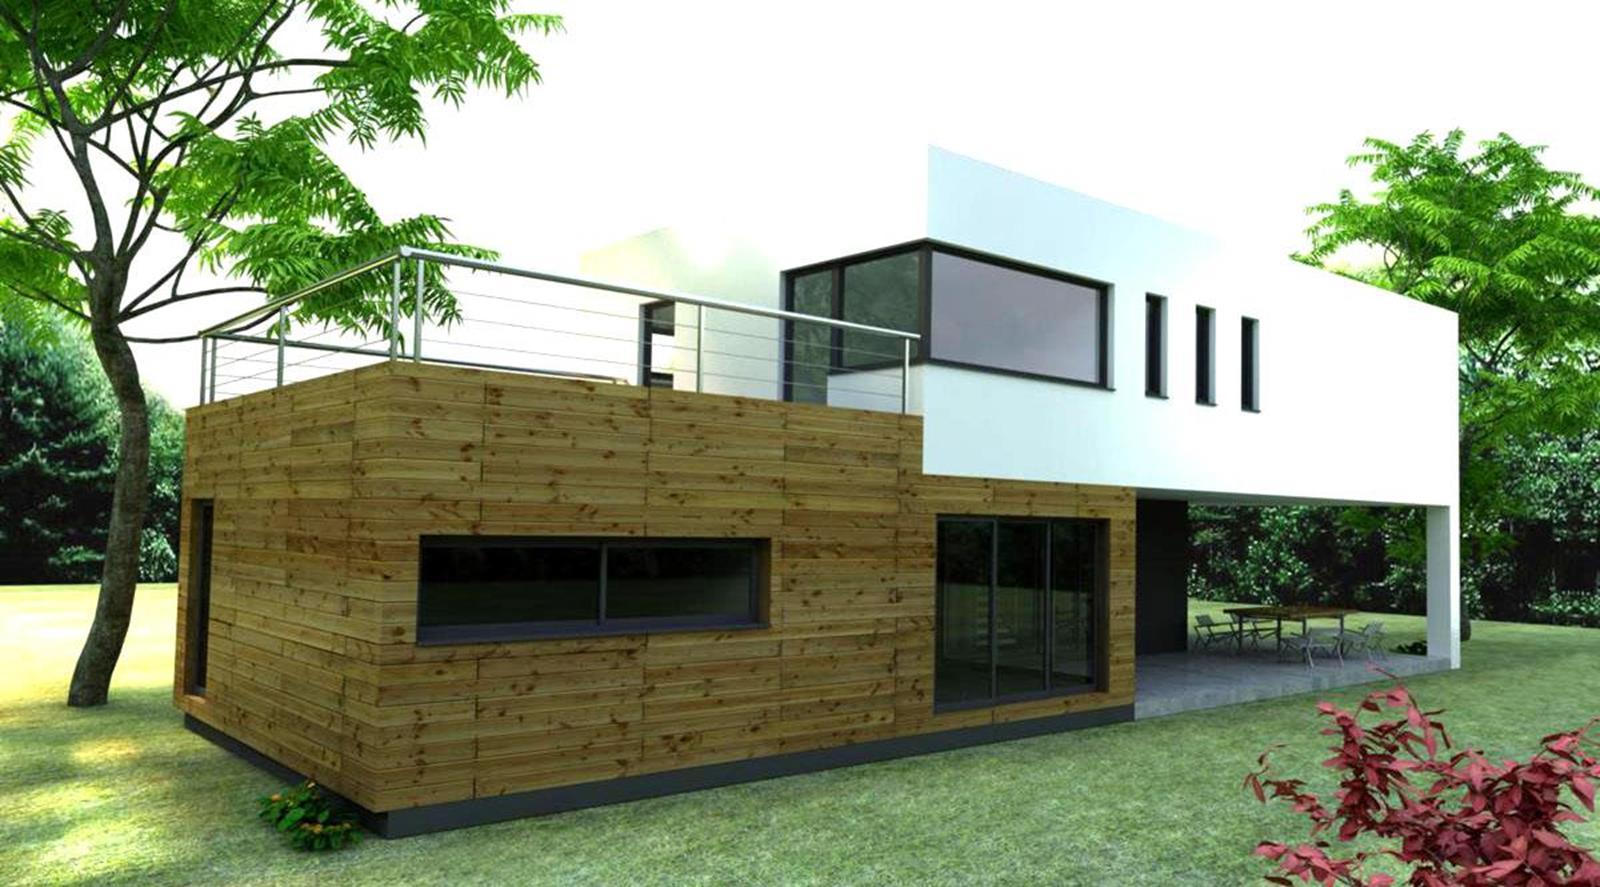 Bungalows modulares a medida casas de madera y bungalows en tarragona dise os a medida for Casas de madera a medida